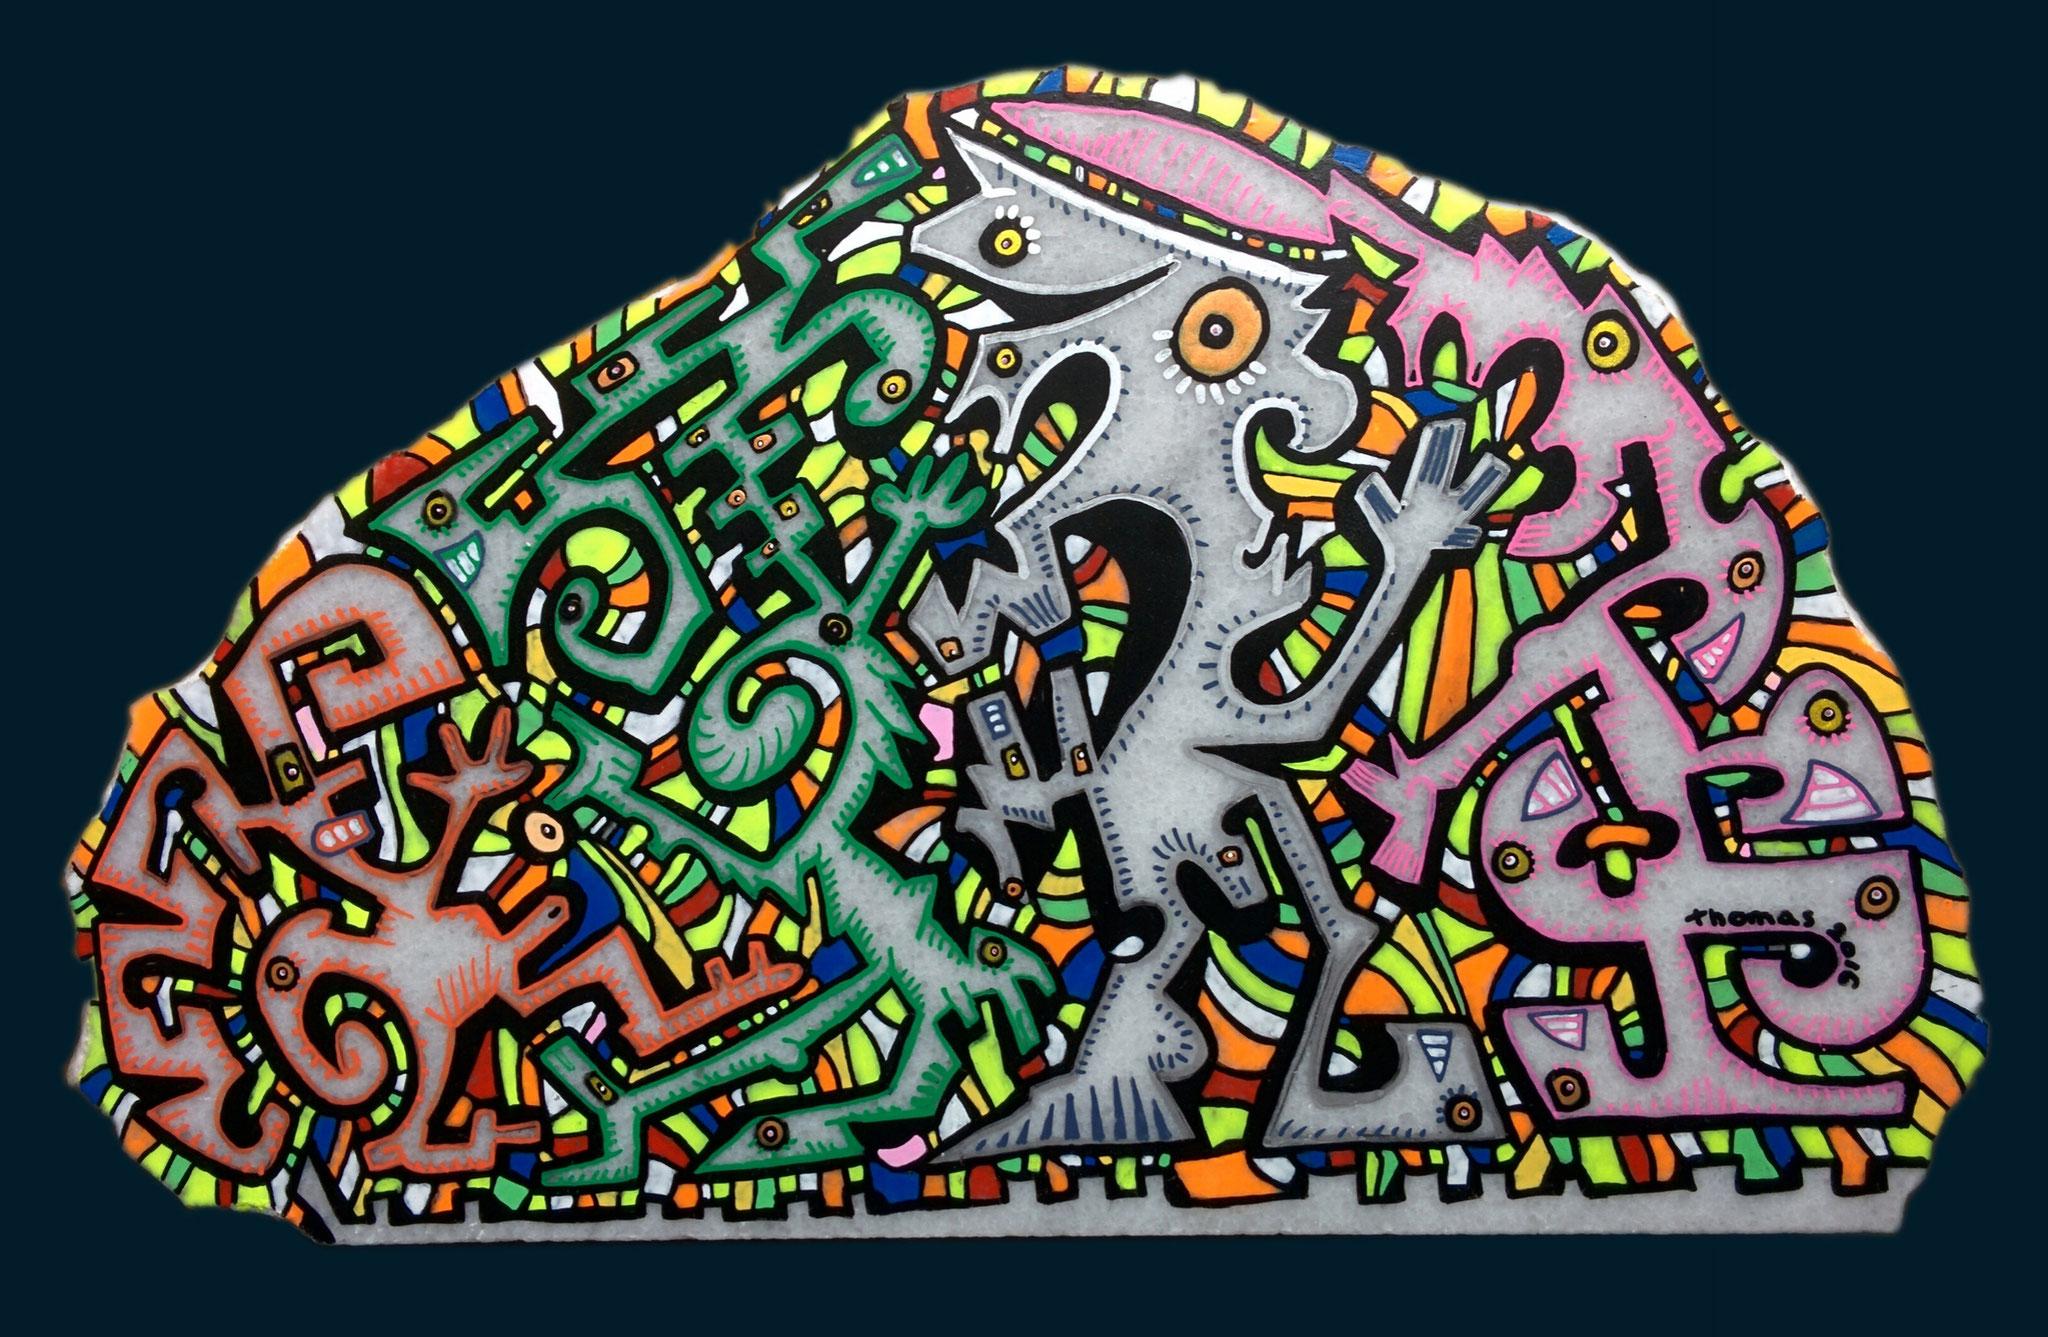 Marbre n°42/ taille : 30x18cm/ épaisseur : 3cm/ feutres acrylique/finition vernis satin/2016/ prix : 40 euros